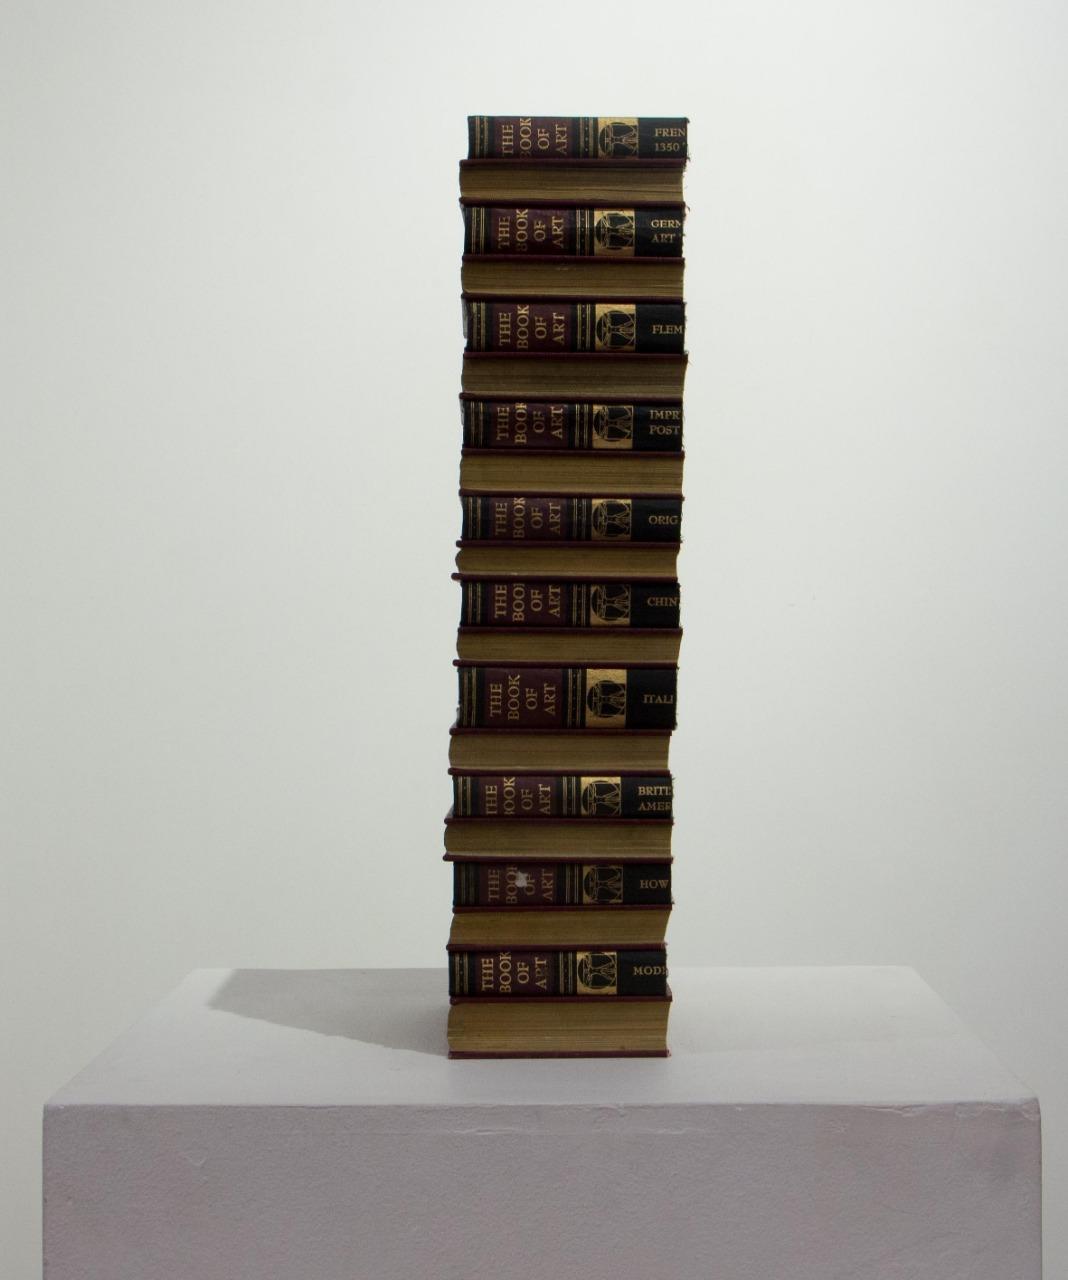 1/3 de la Historia, Sergio Zamora, 2018. Arte objeto, 12 x 52 x 22cm, livros.